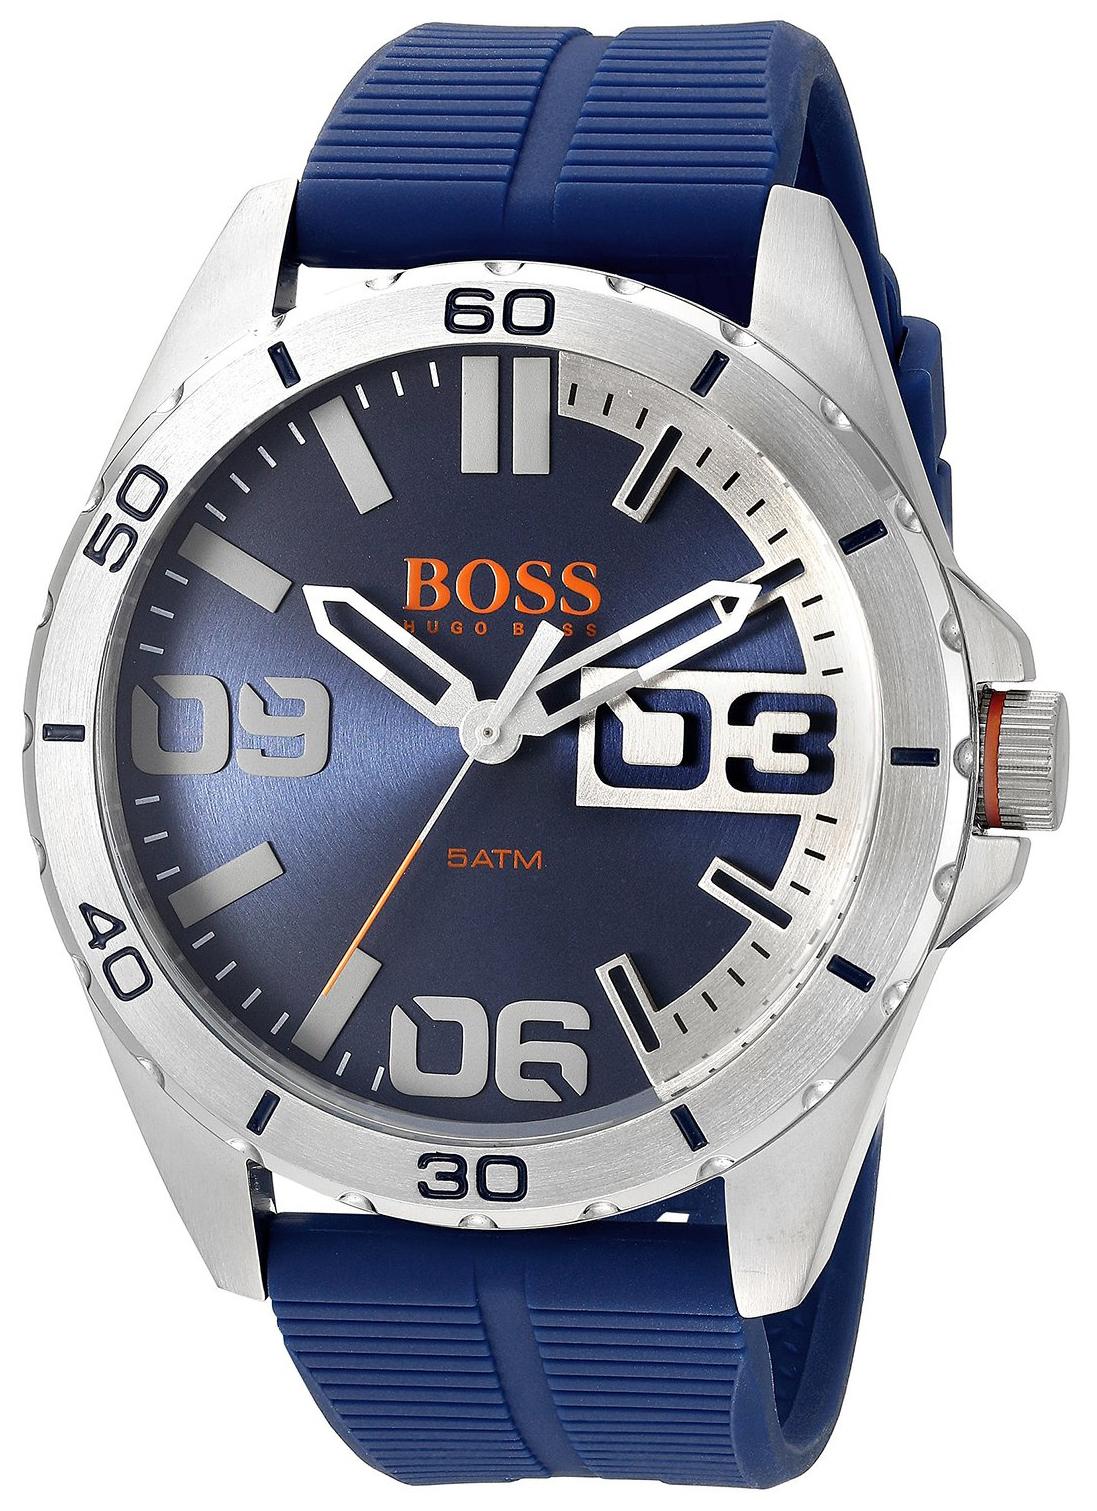 Hugo Boss Berlin Herreklokke 1513286 Blå/Gummi Ø48 mm - Hugo Boss